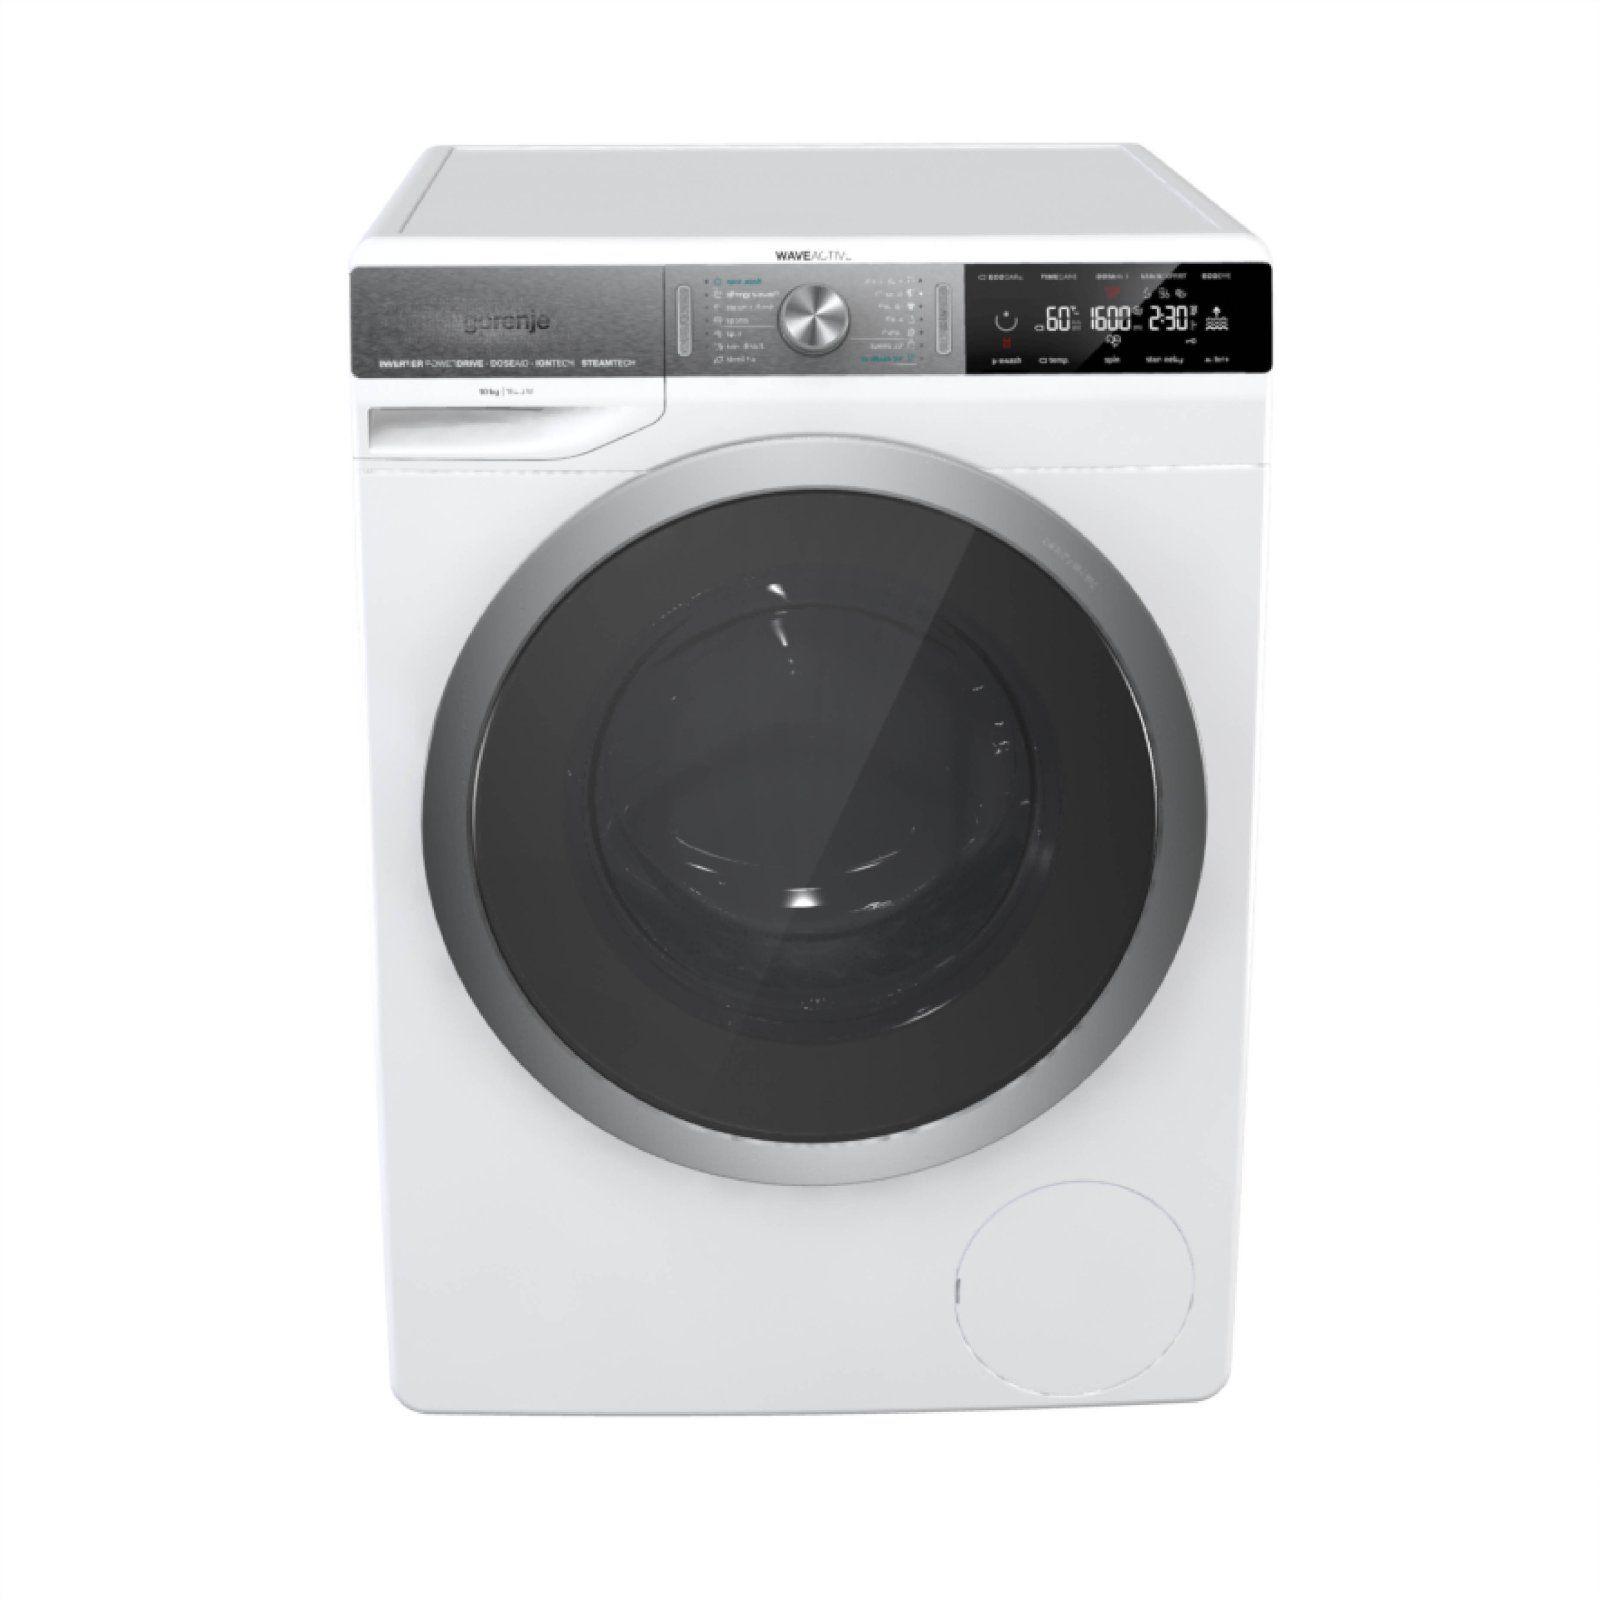 GORENJE | Izdelki | Washing machine, Washer, Laundry